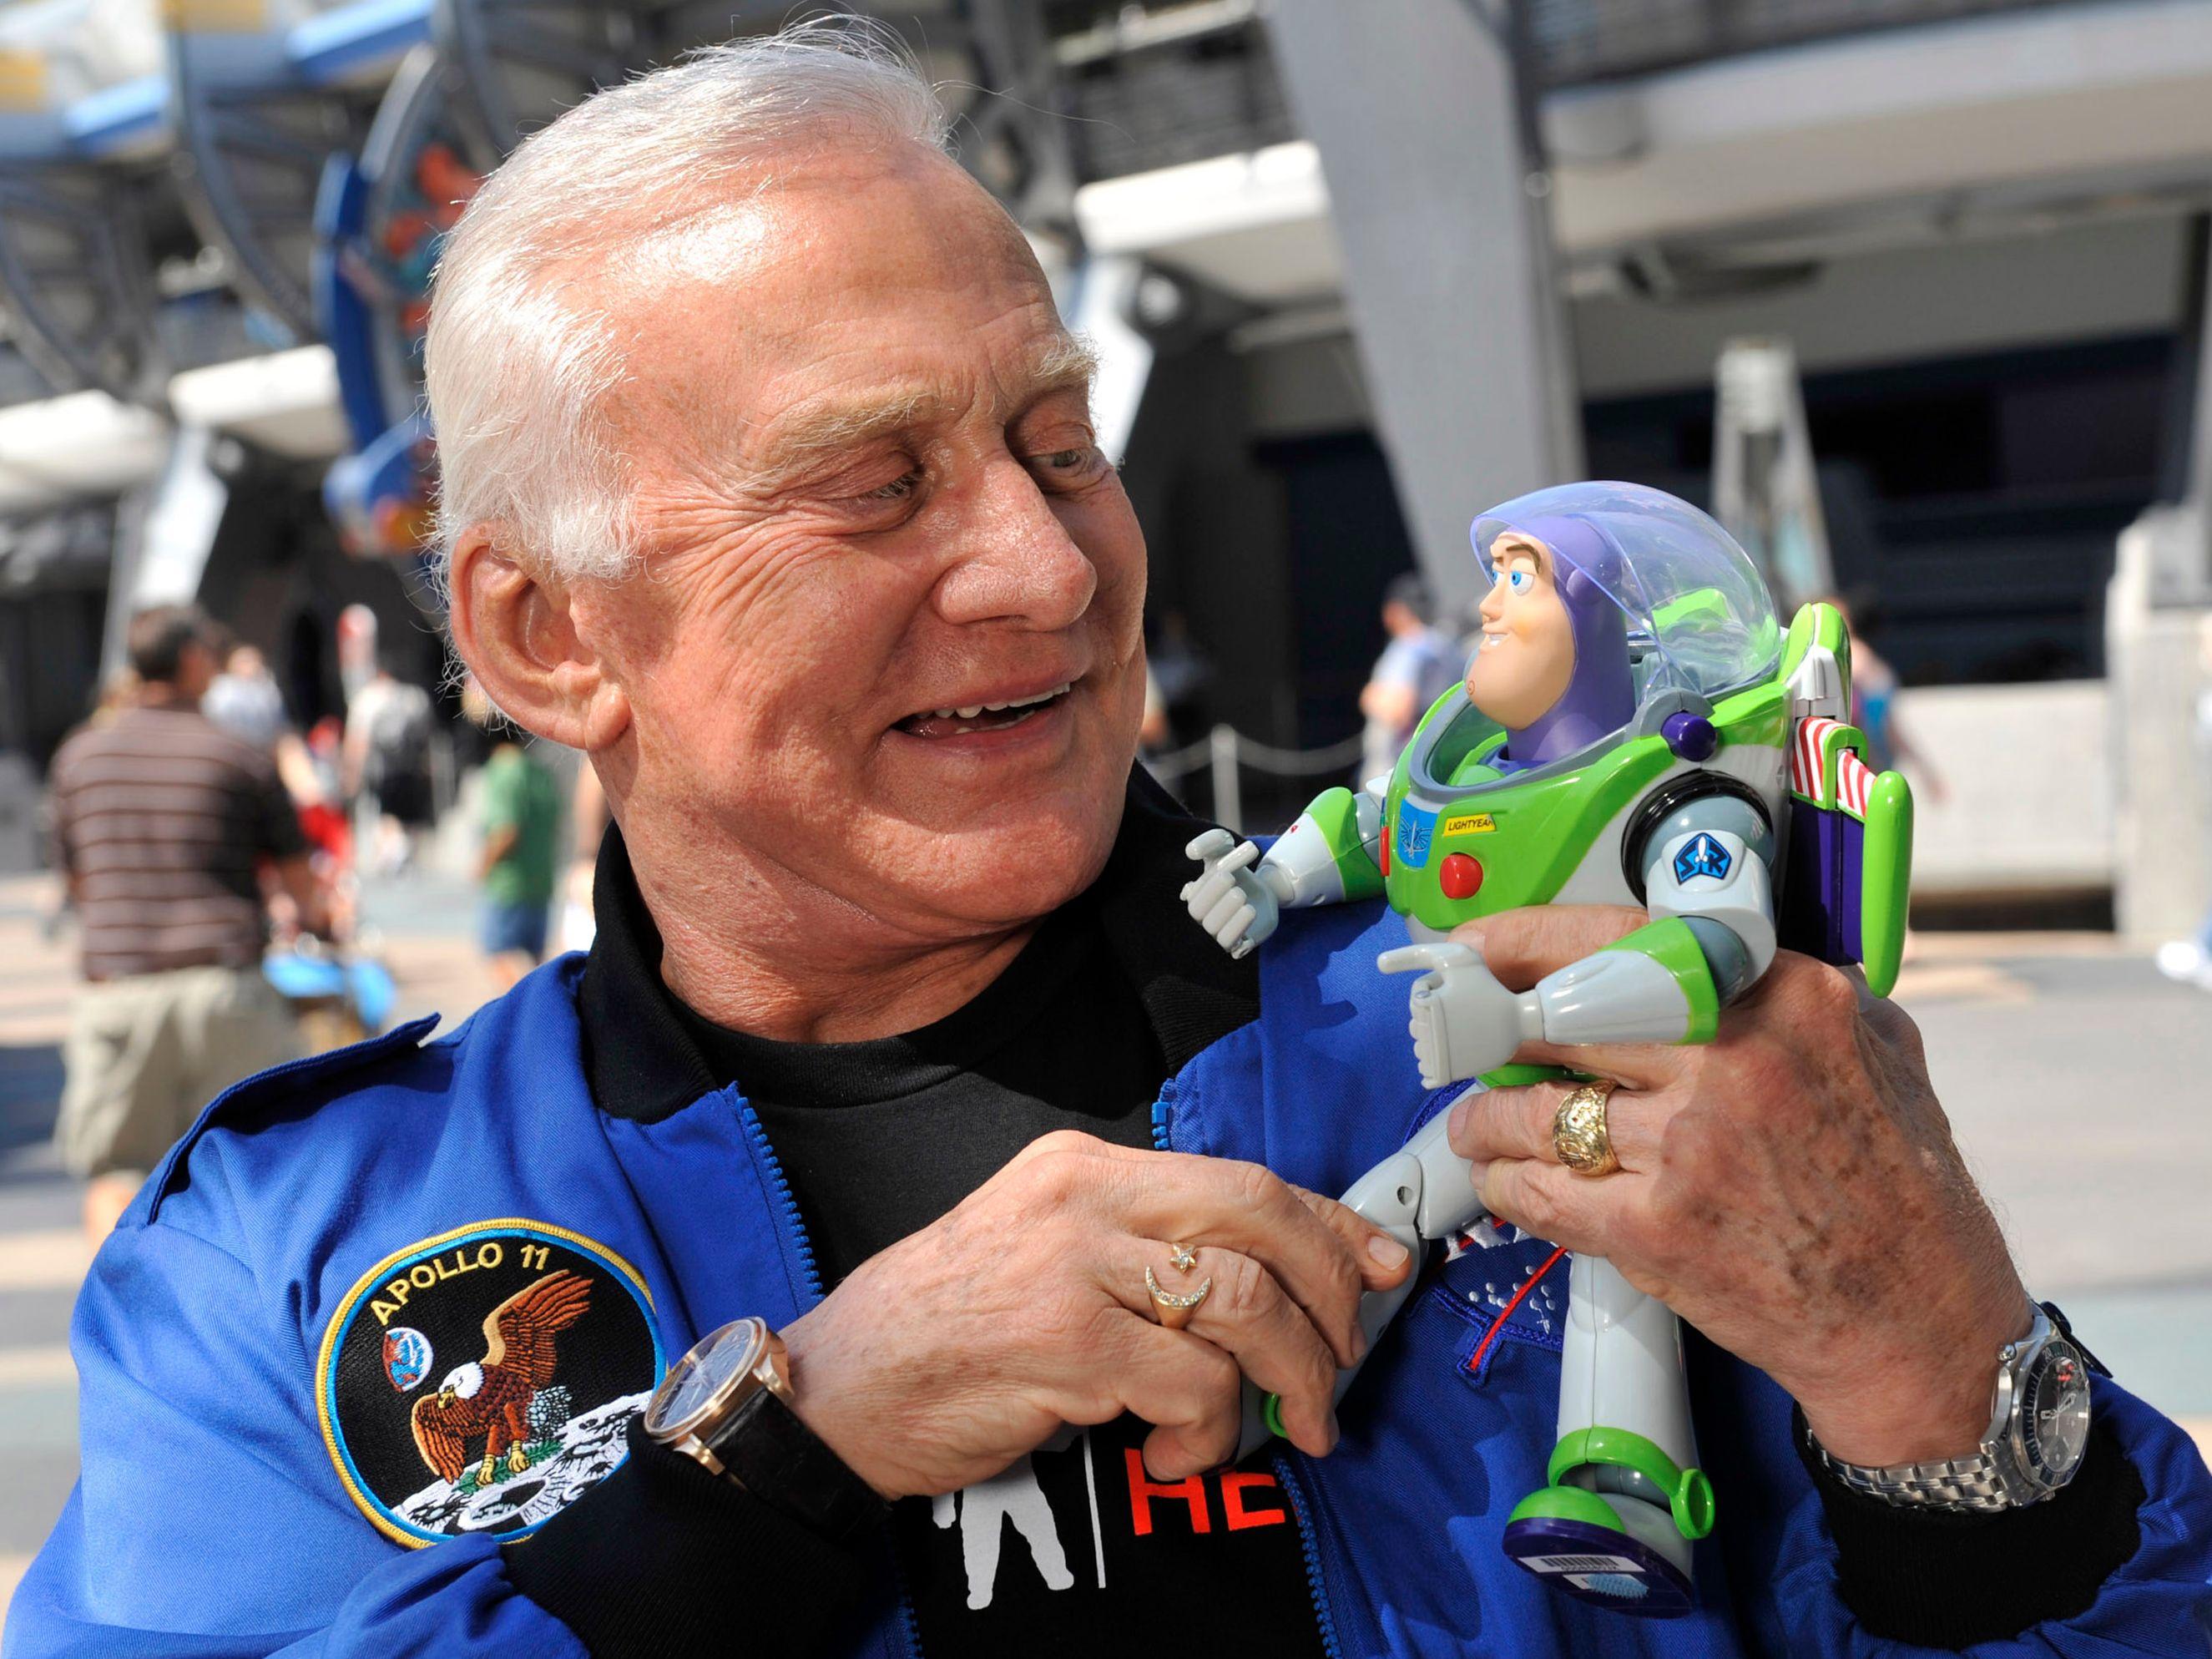 Buzz Aldrin with a toy Buzz Lightyear